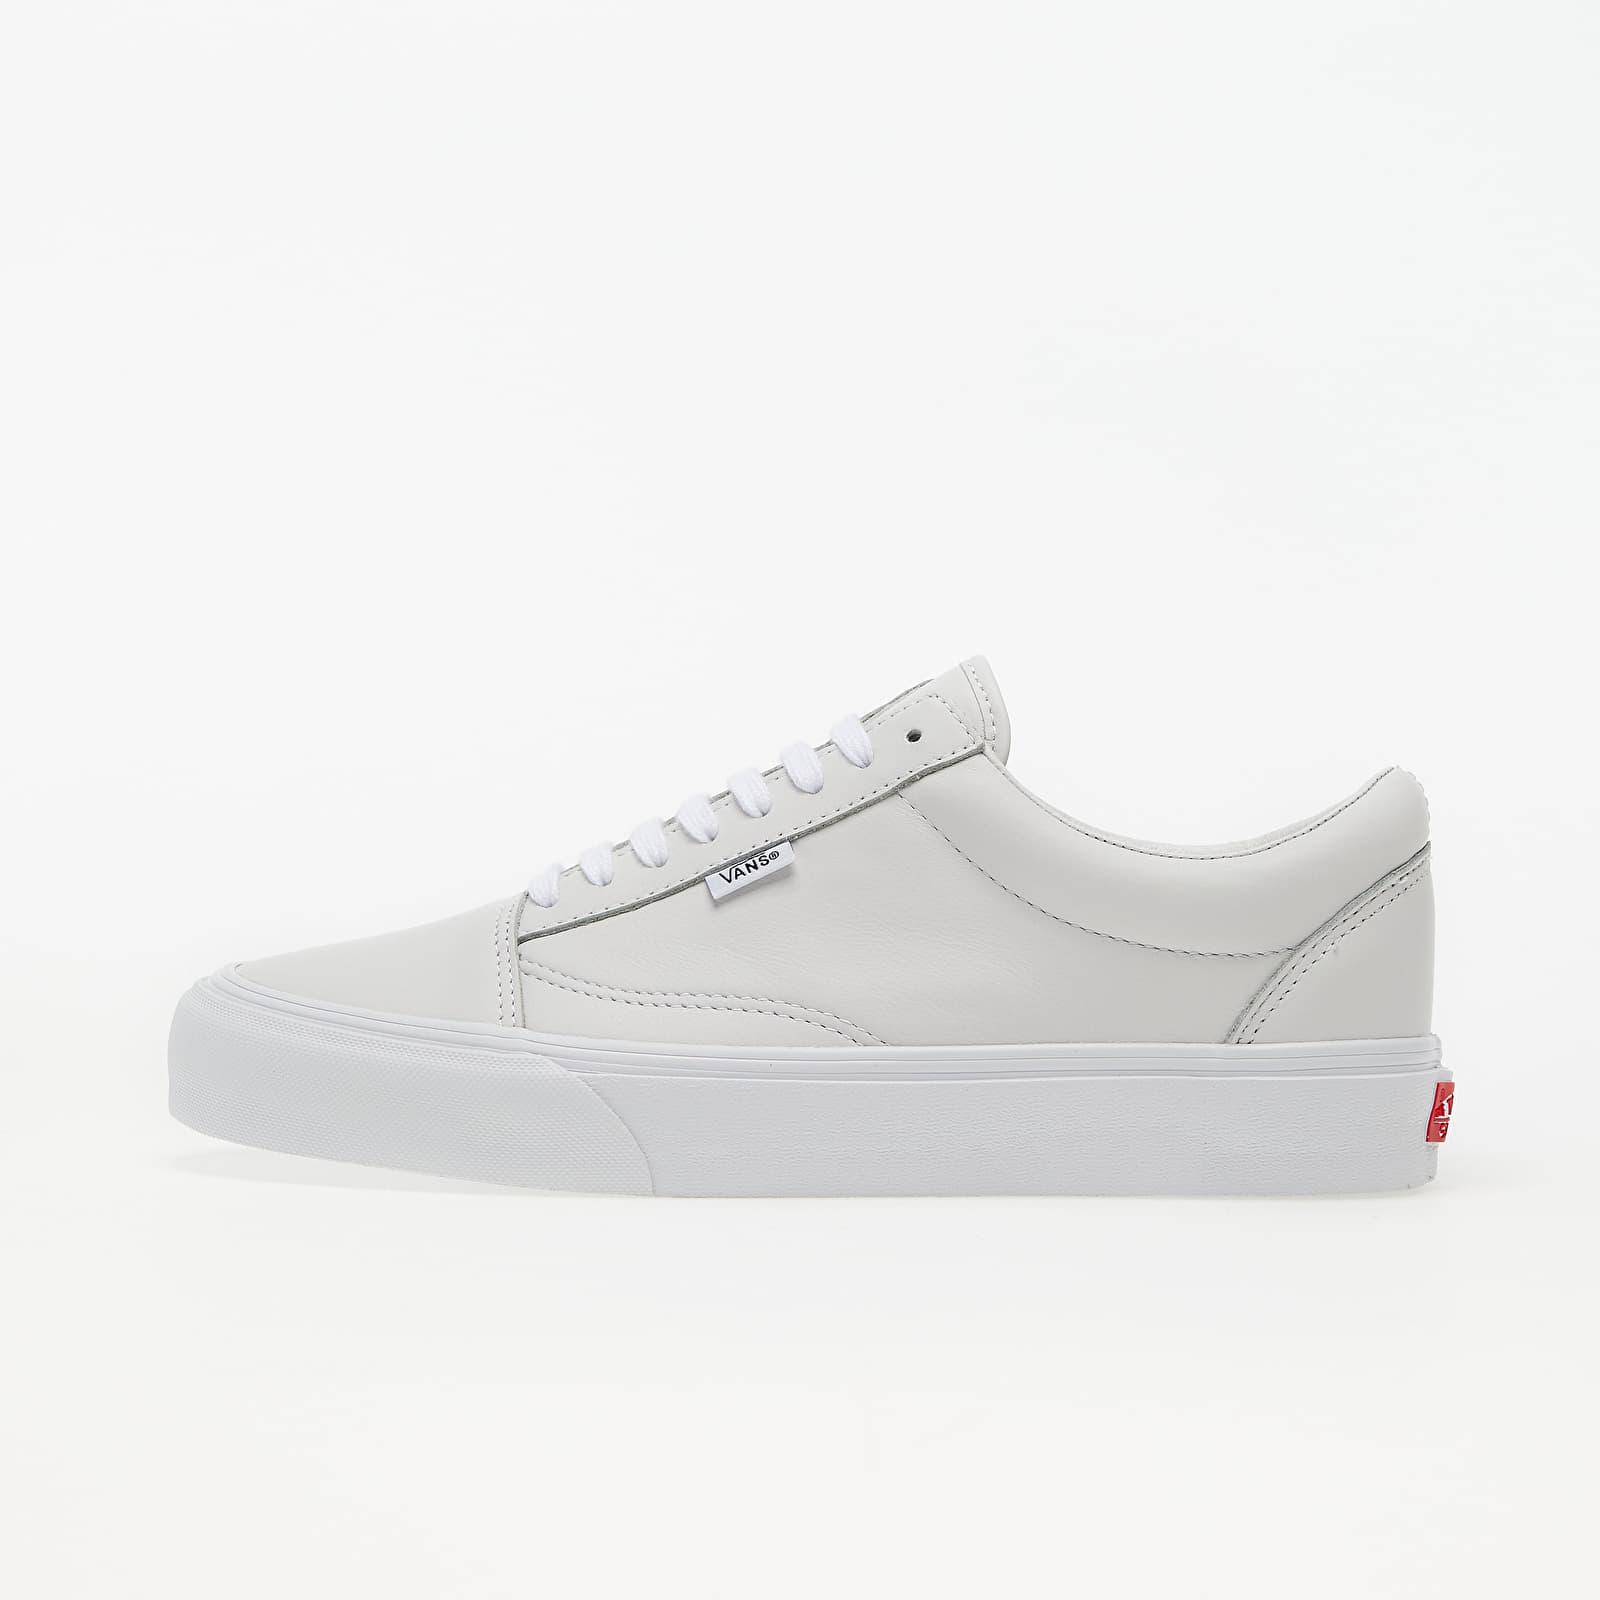 Vans Vault Old Skool NS VLT LX (Leather) True White EUR 40.5